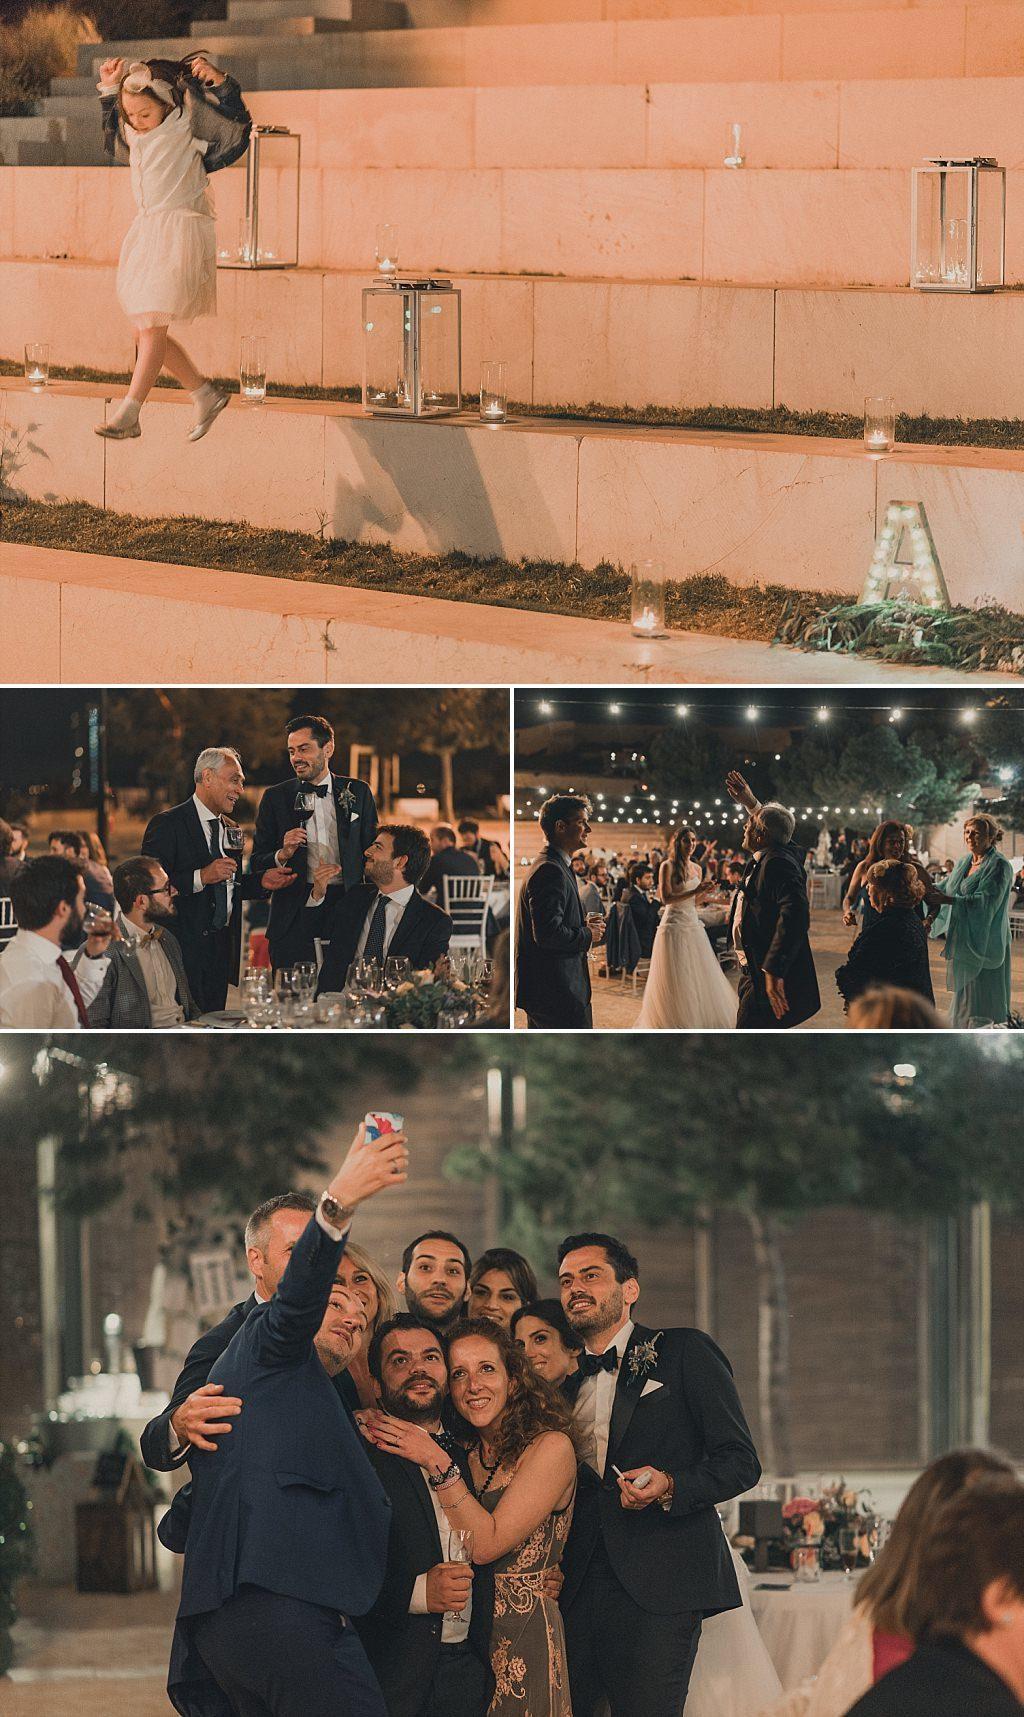 Momentos de una boda